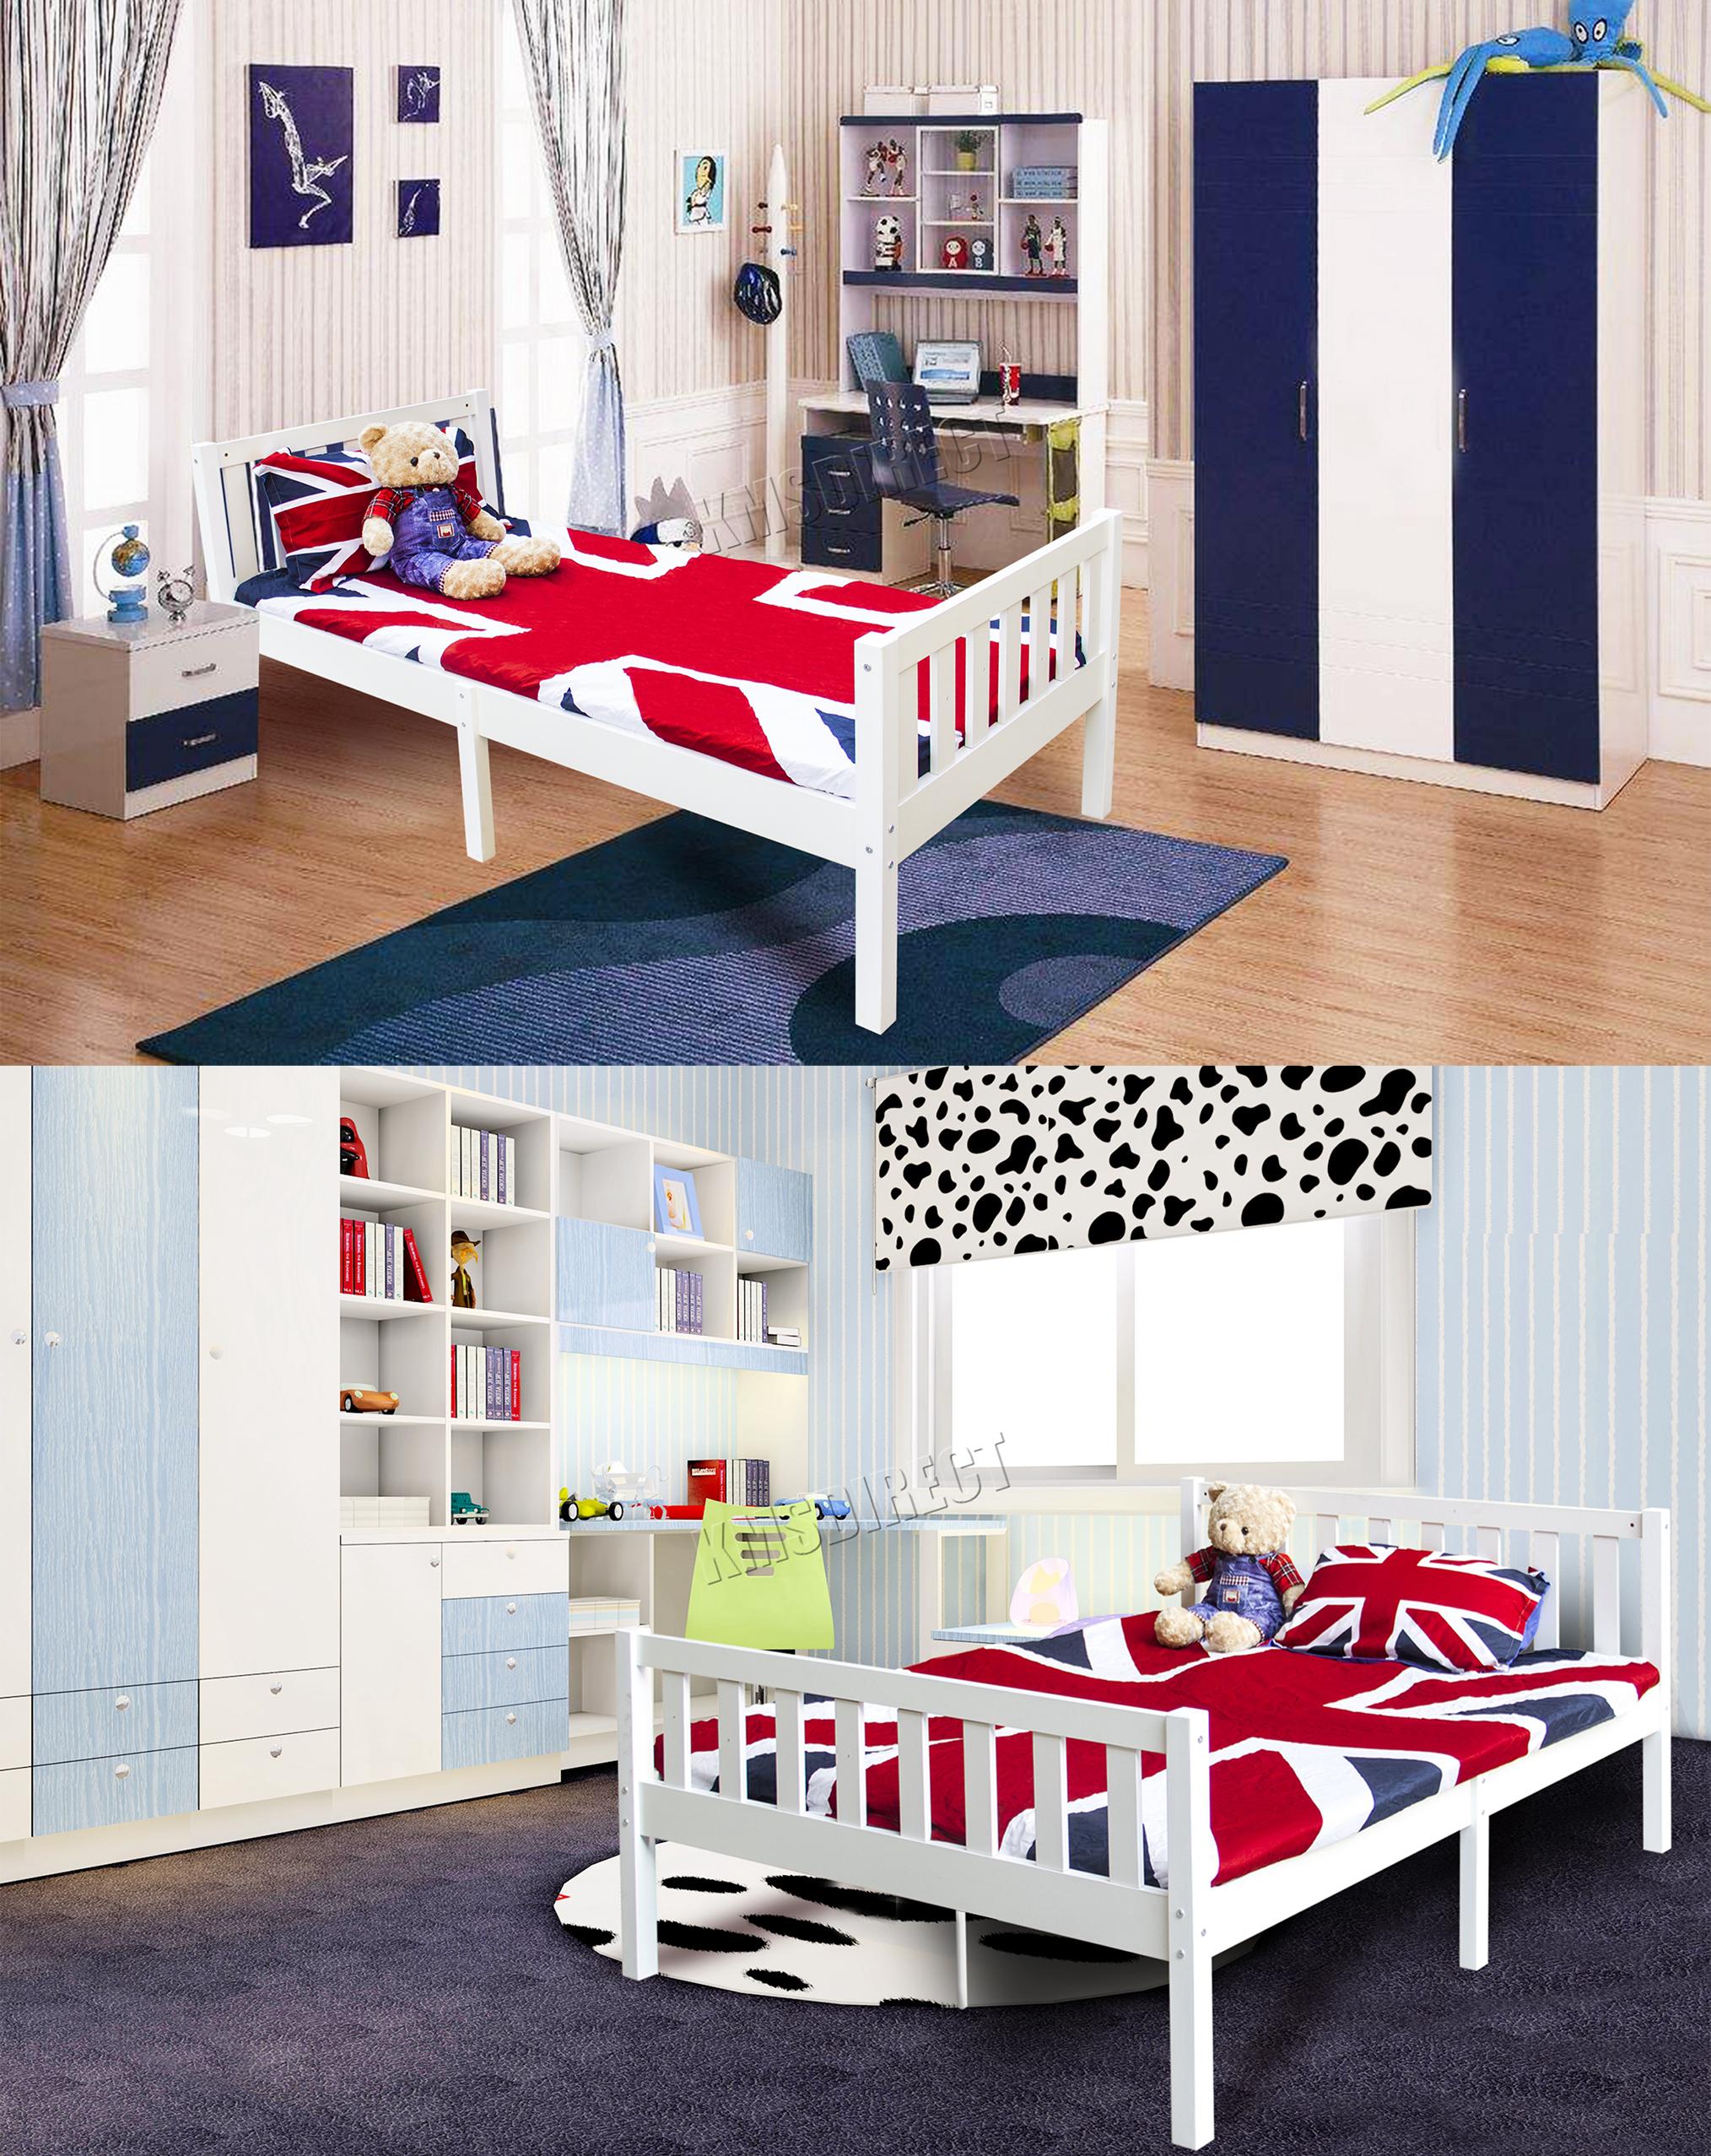 Muebles En Hebreo ~ Obtenga ideas Diseño de muebles para su hogar ...